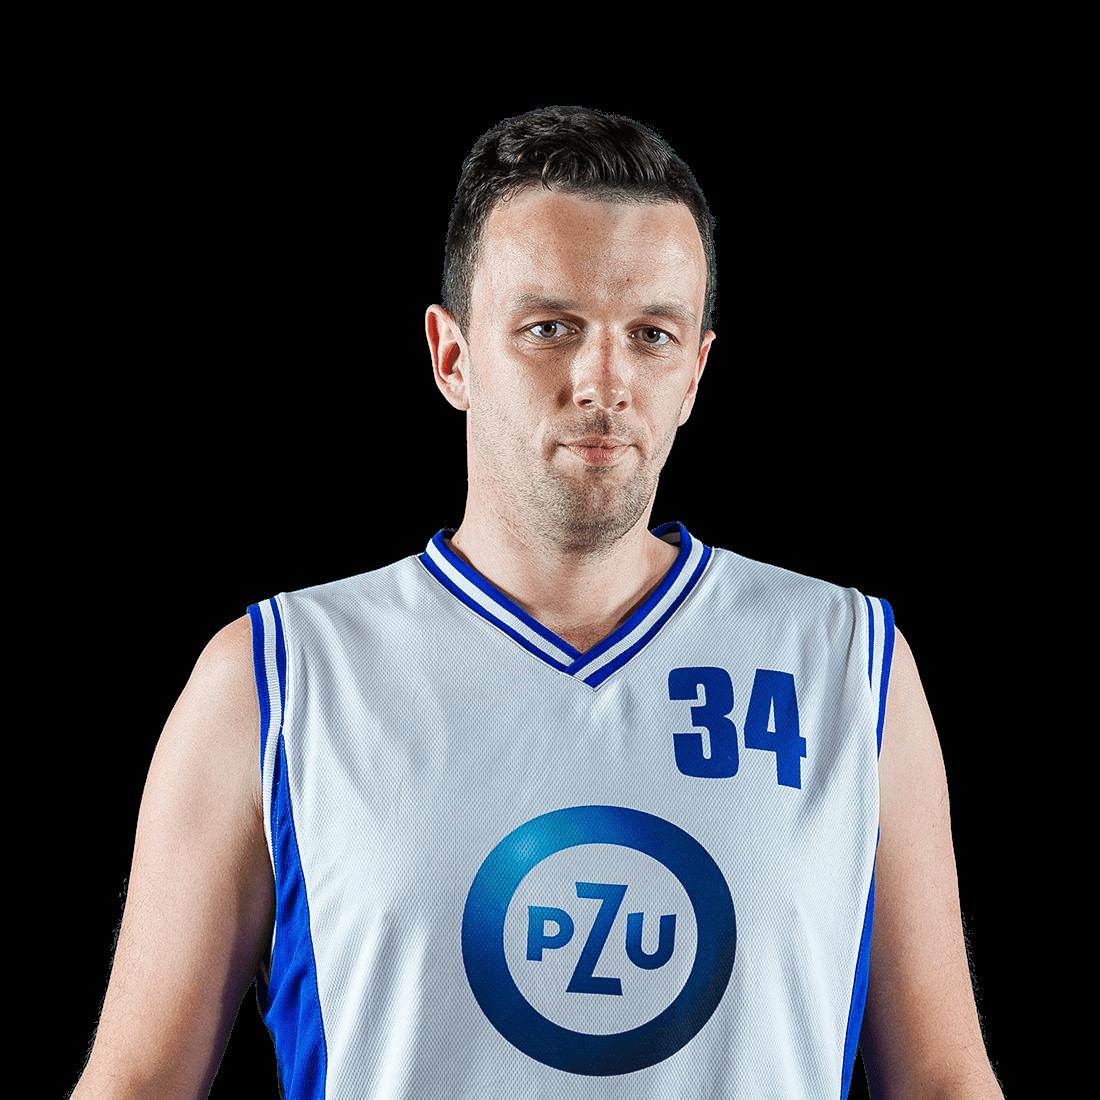 Wojciech Rozalski